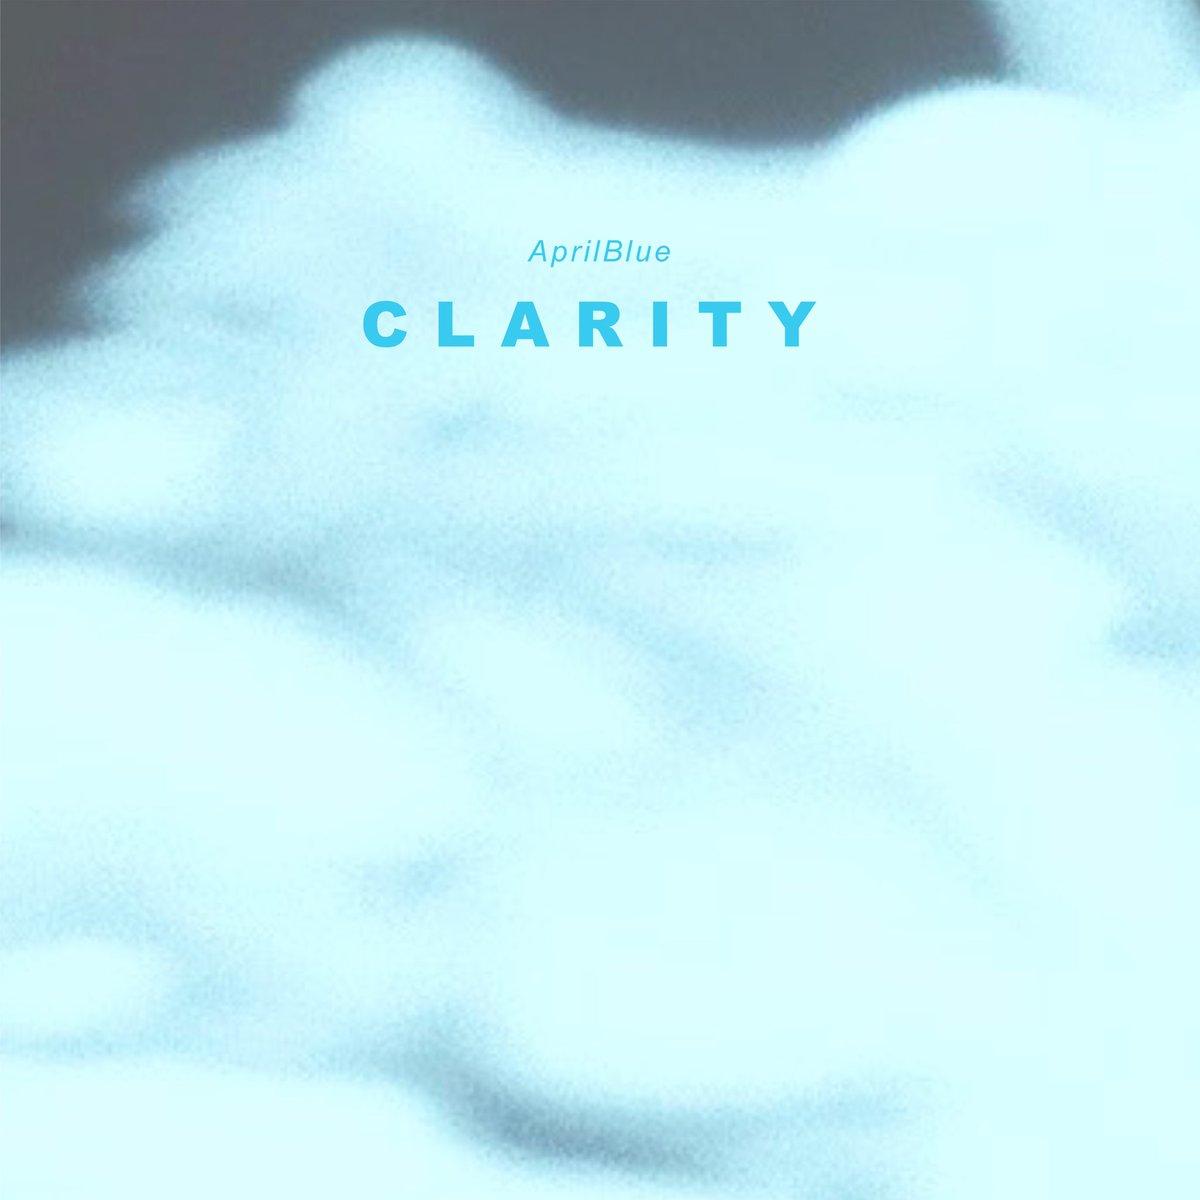 エイプリルブルーニューシングル「クラリティ」を、本日配信限定でリリースしました!イエローに続くセルフレコーディング楽曲で、疾走感のある切ないドリームポップに仕上がっています。